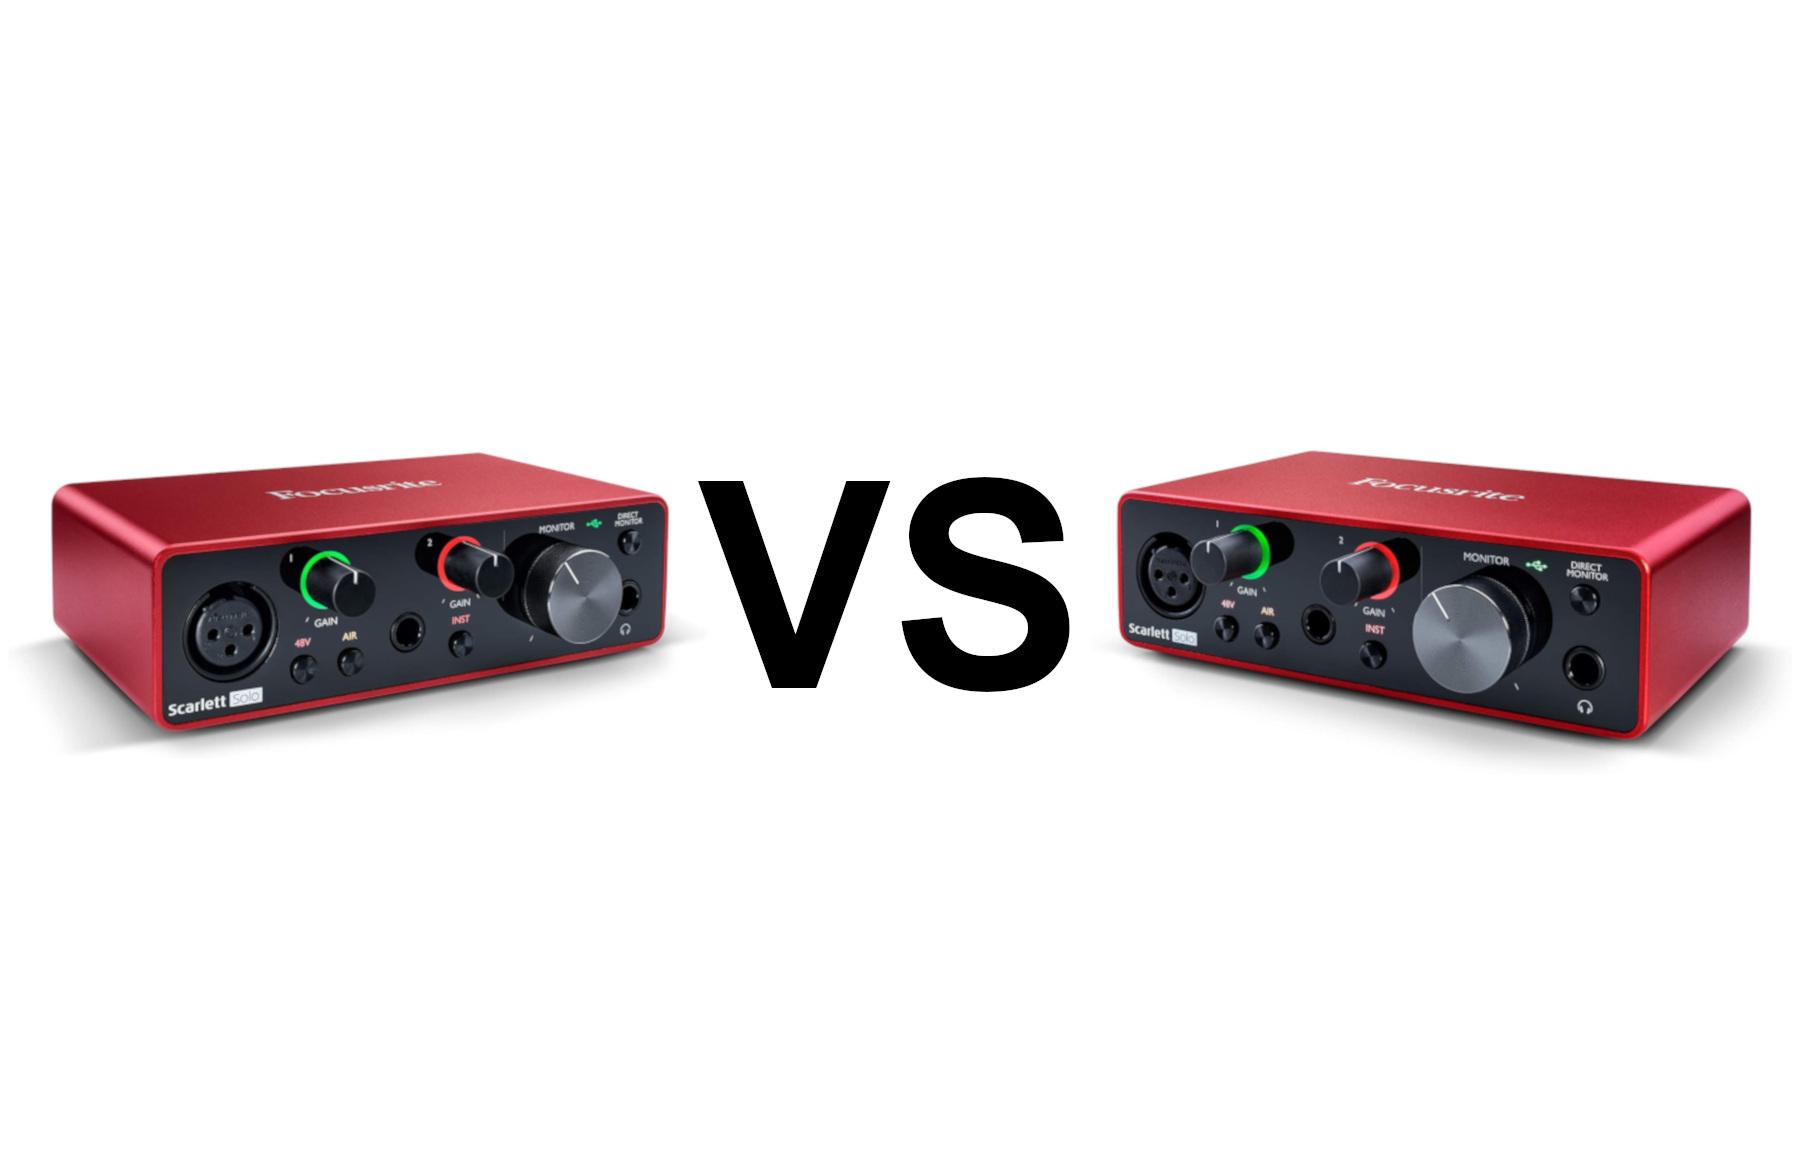 Focusrite scarlet 2i2 vs solo